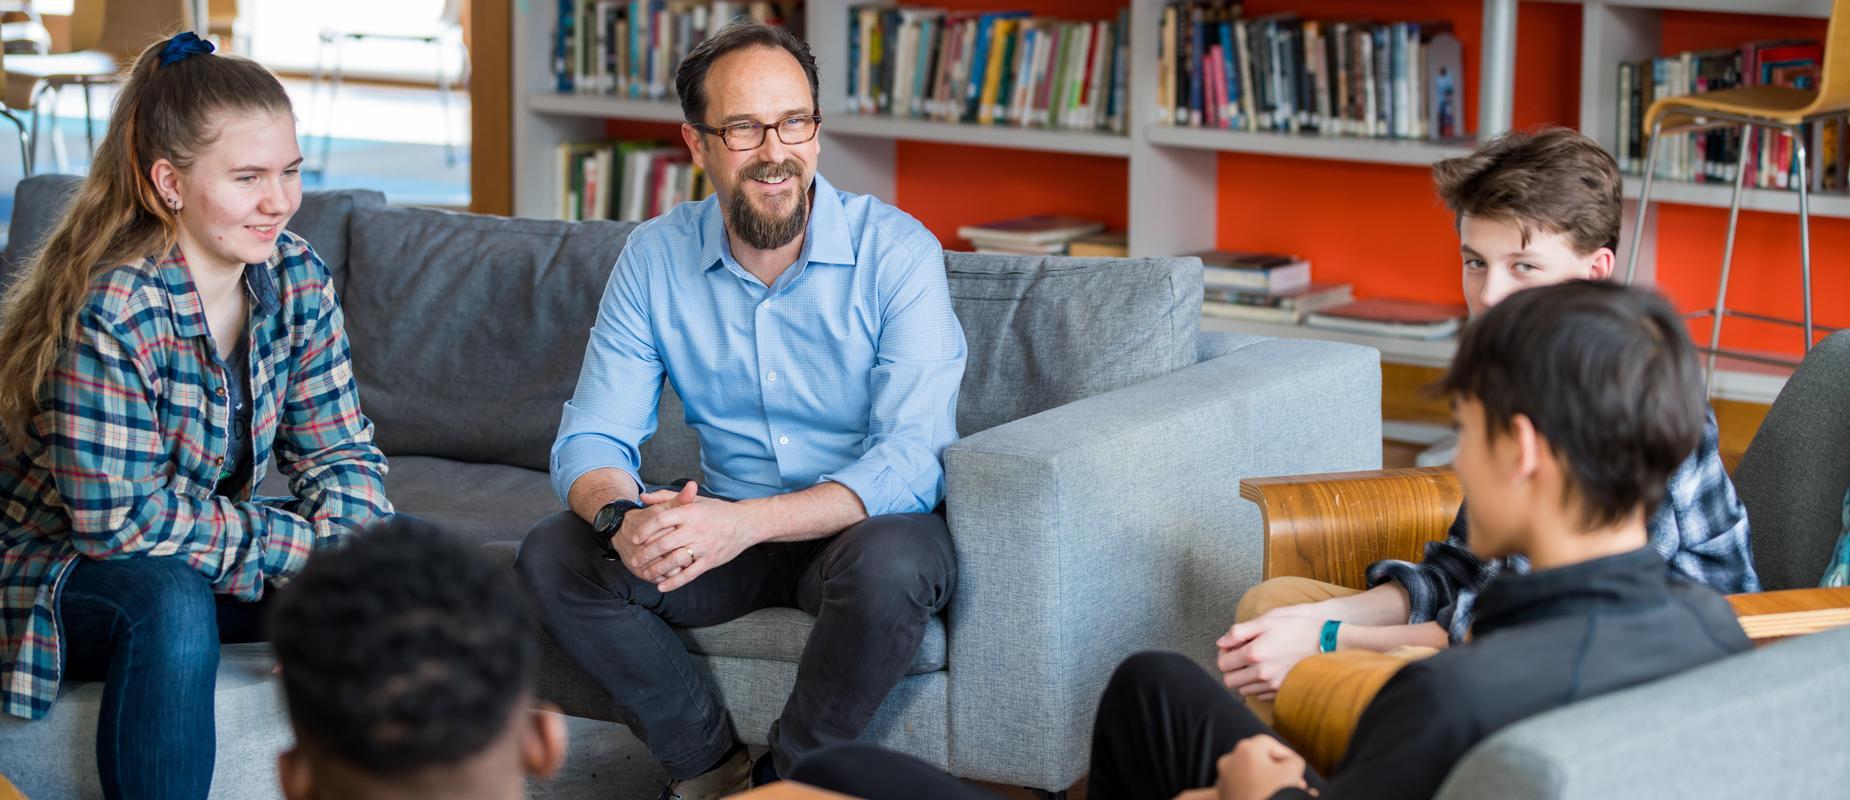 一个顾问和他的顾问小组会面.